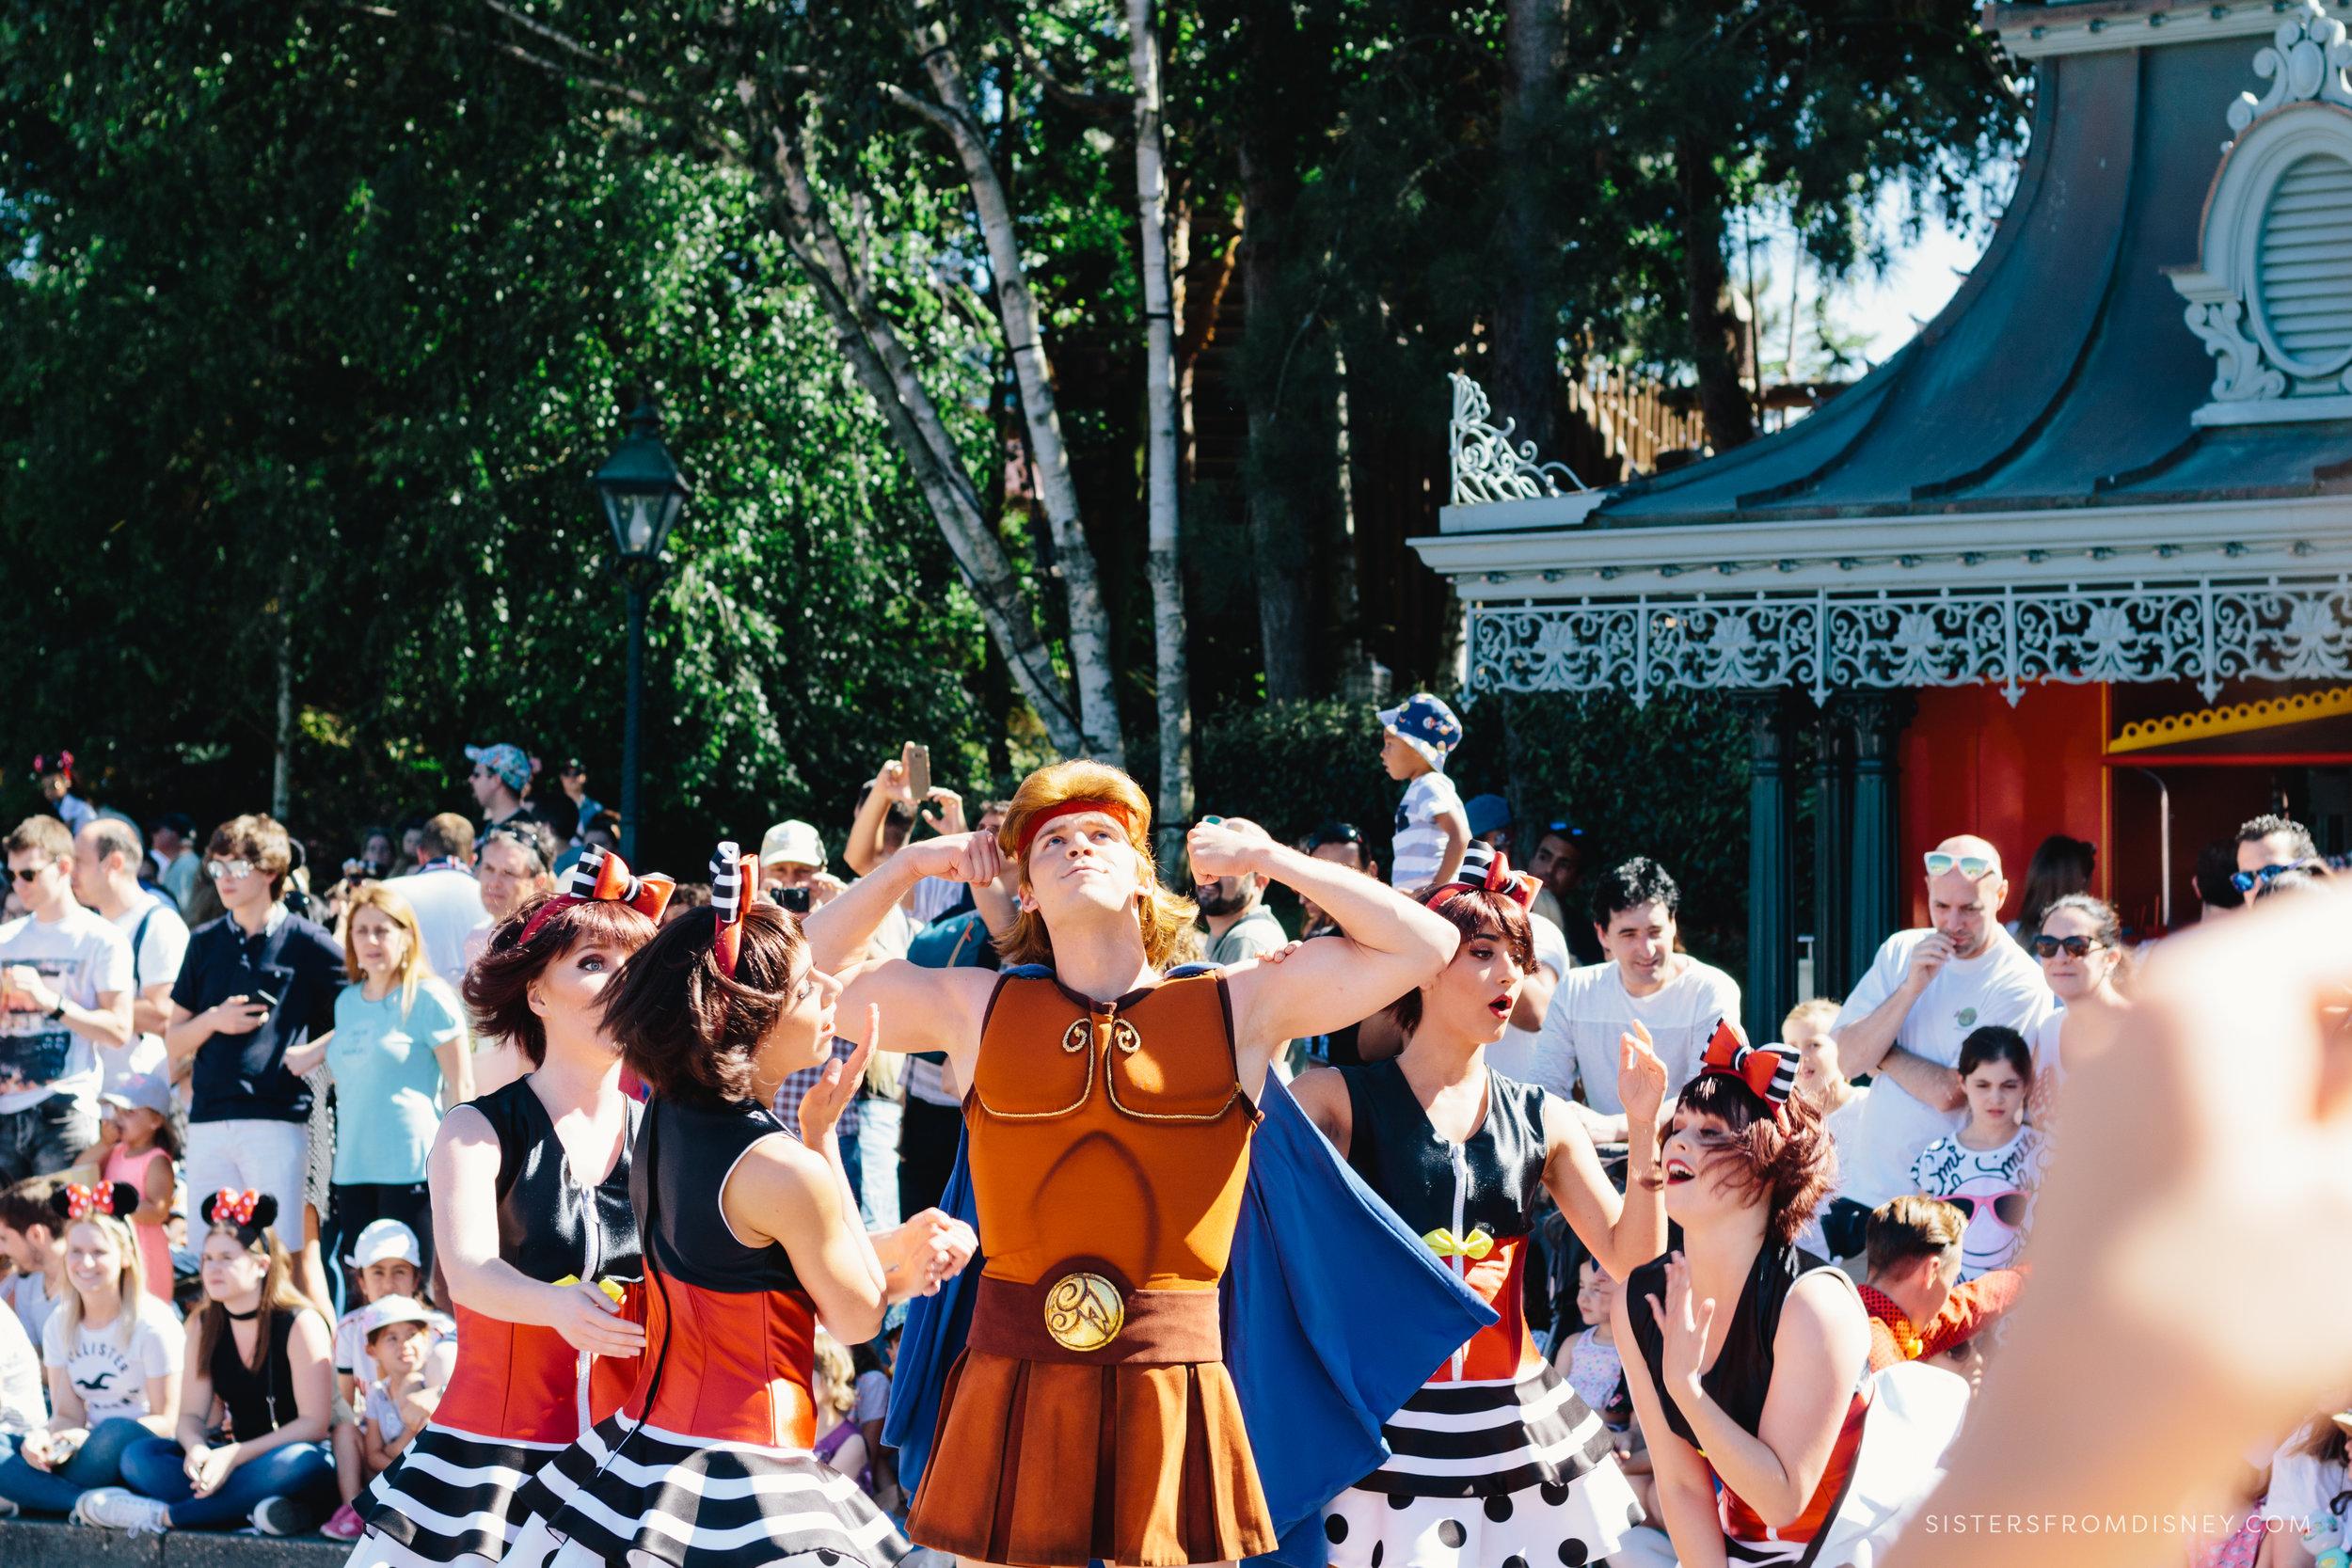 2018June_SFDblog_DisneylandParis_Watermark-3401.jpg